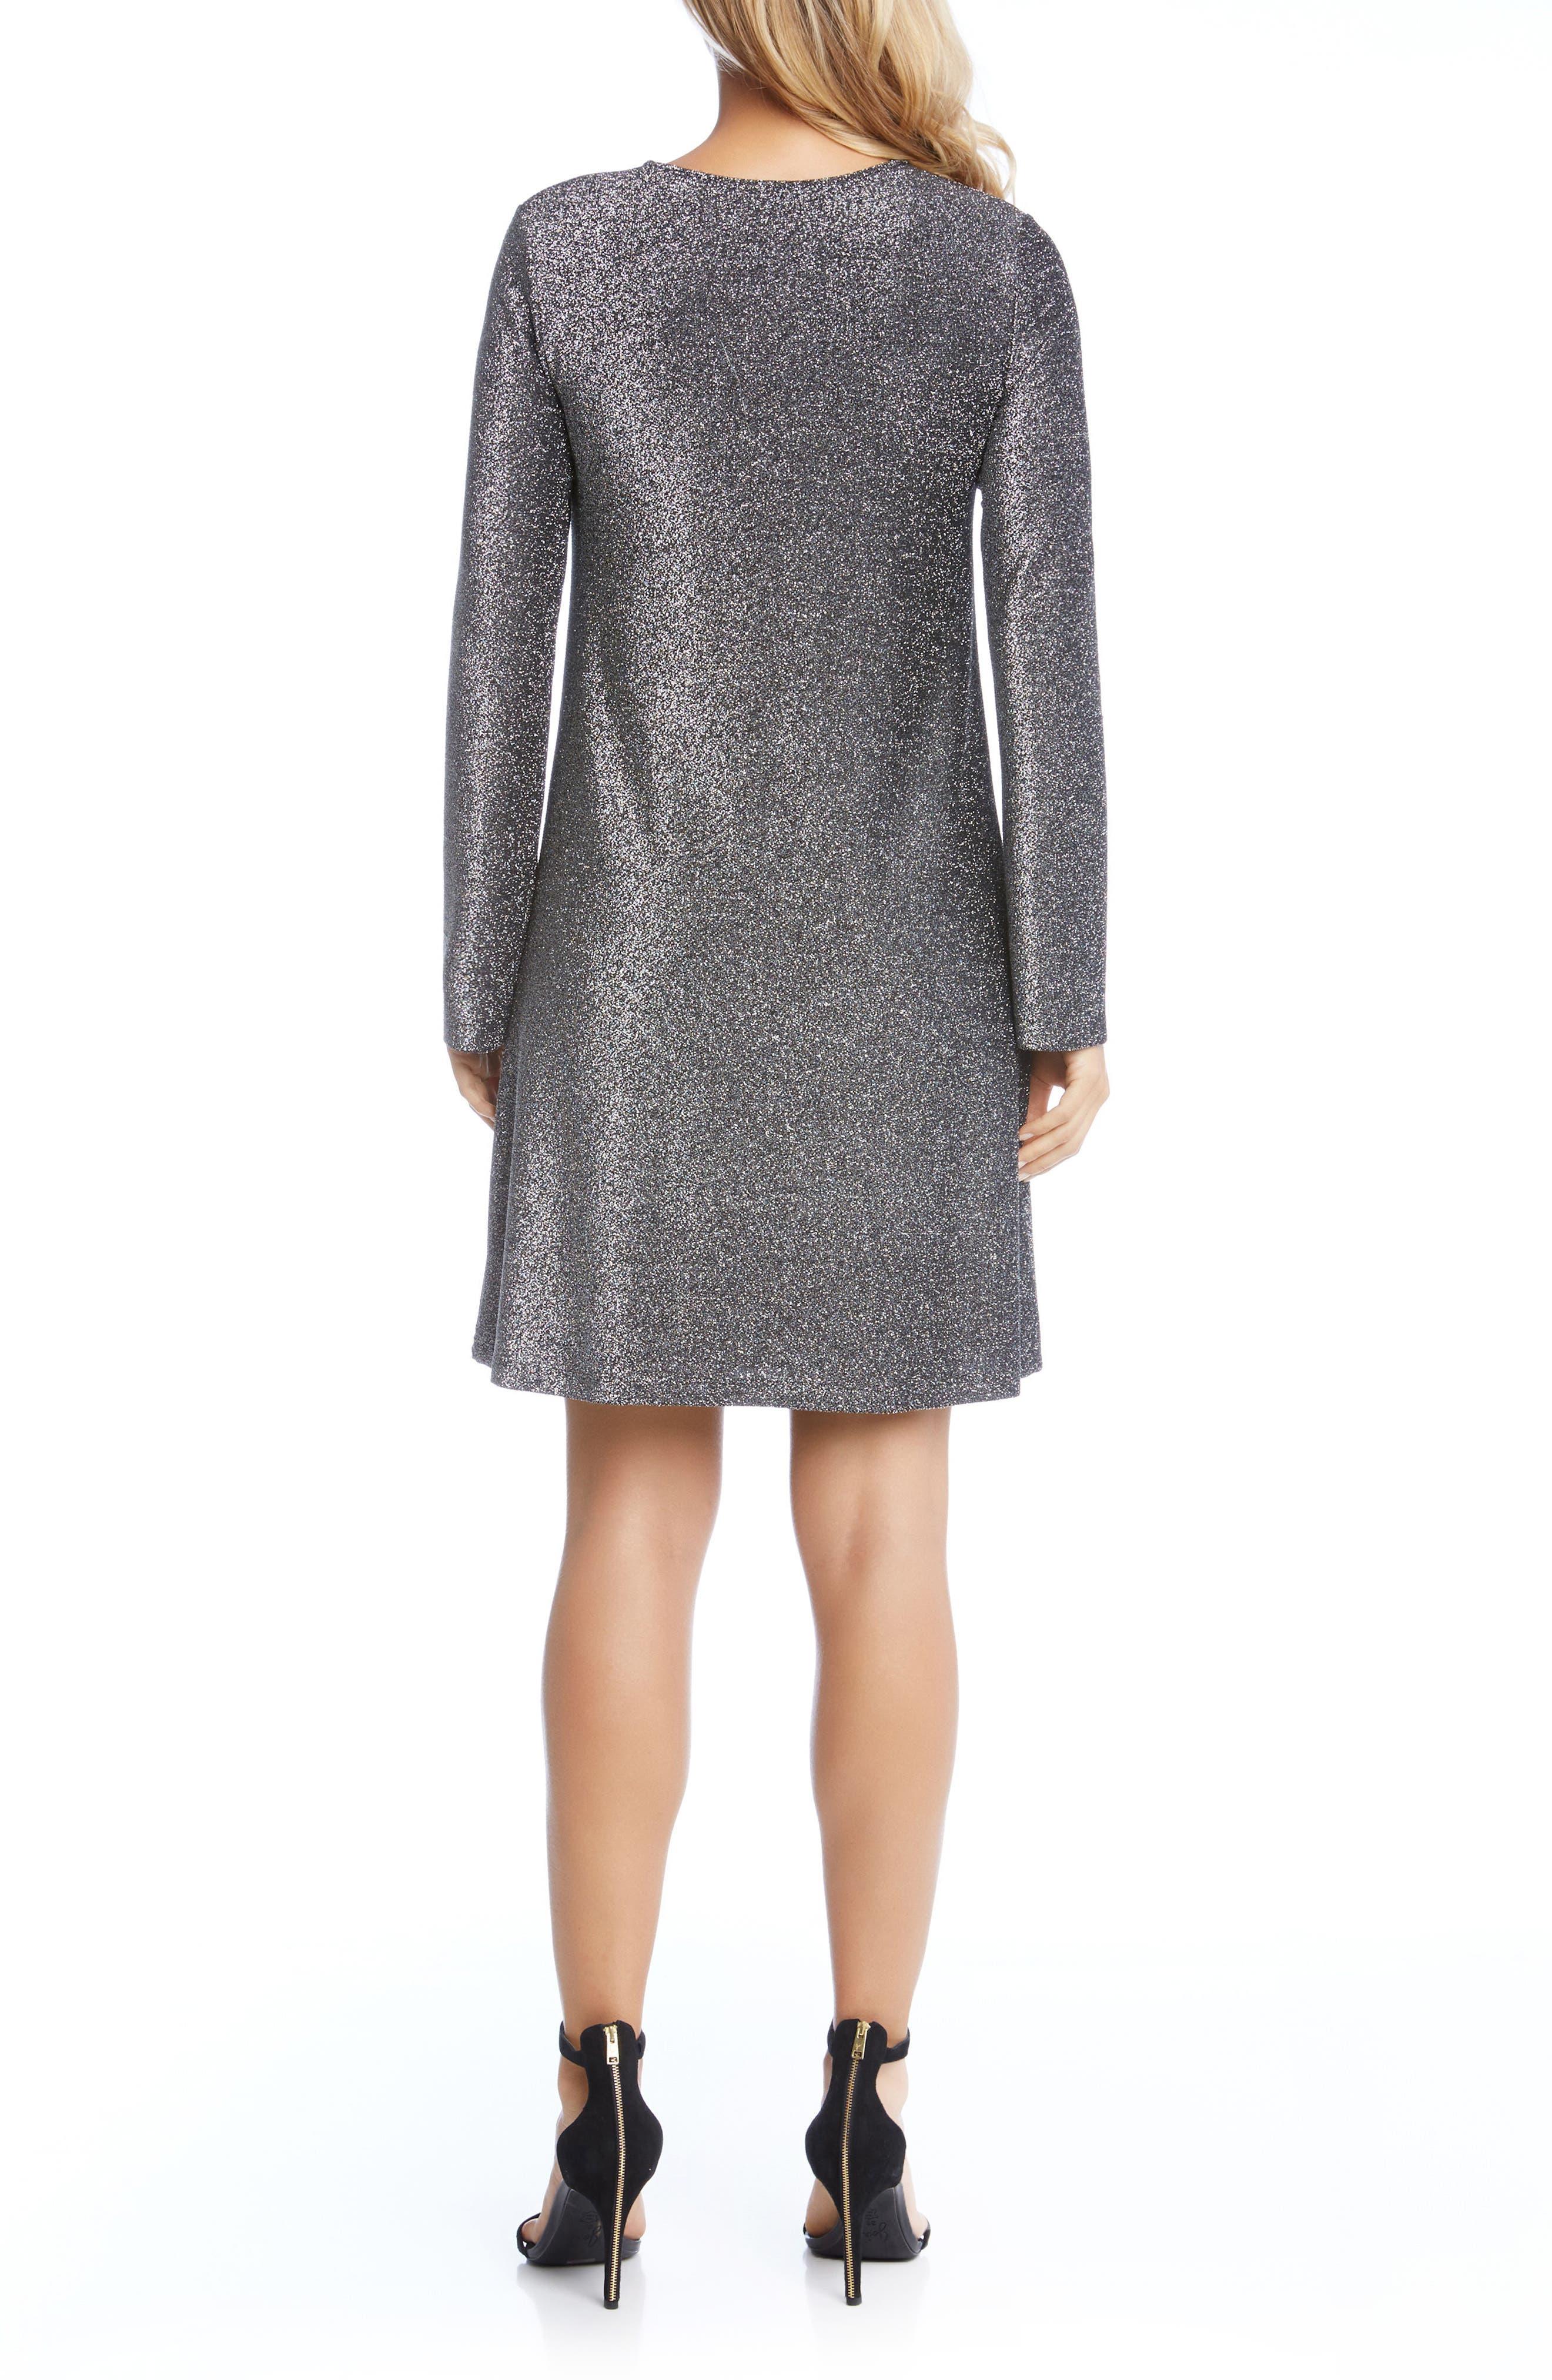 Taylor Sparkle A-Line Dress,                             Alternate thumbnail 3, color,                             Black W/ Silver